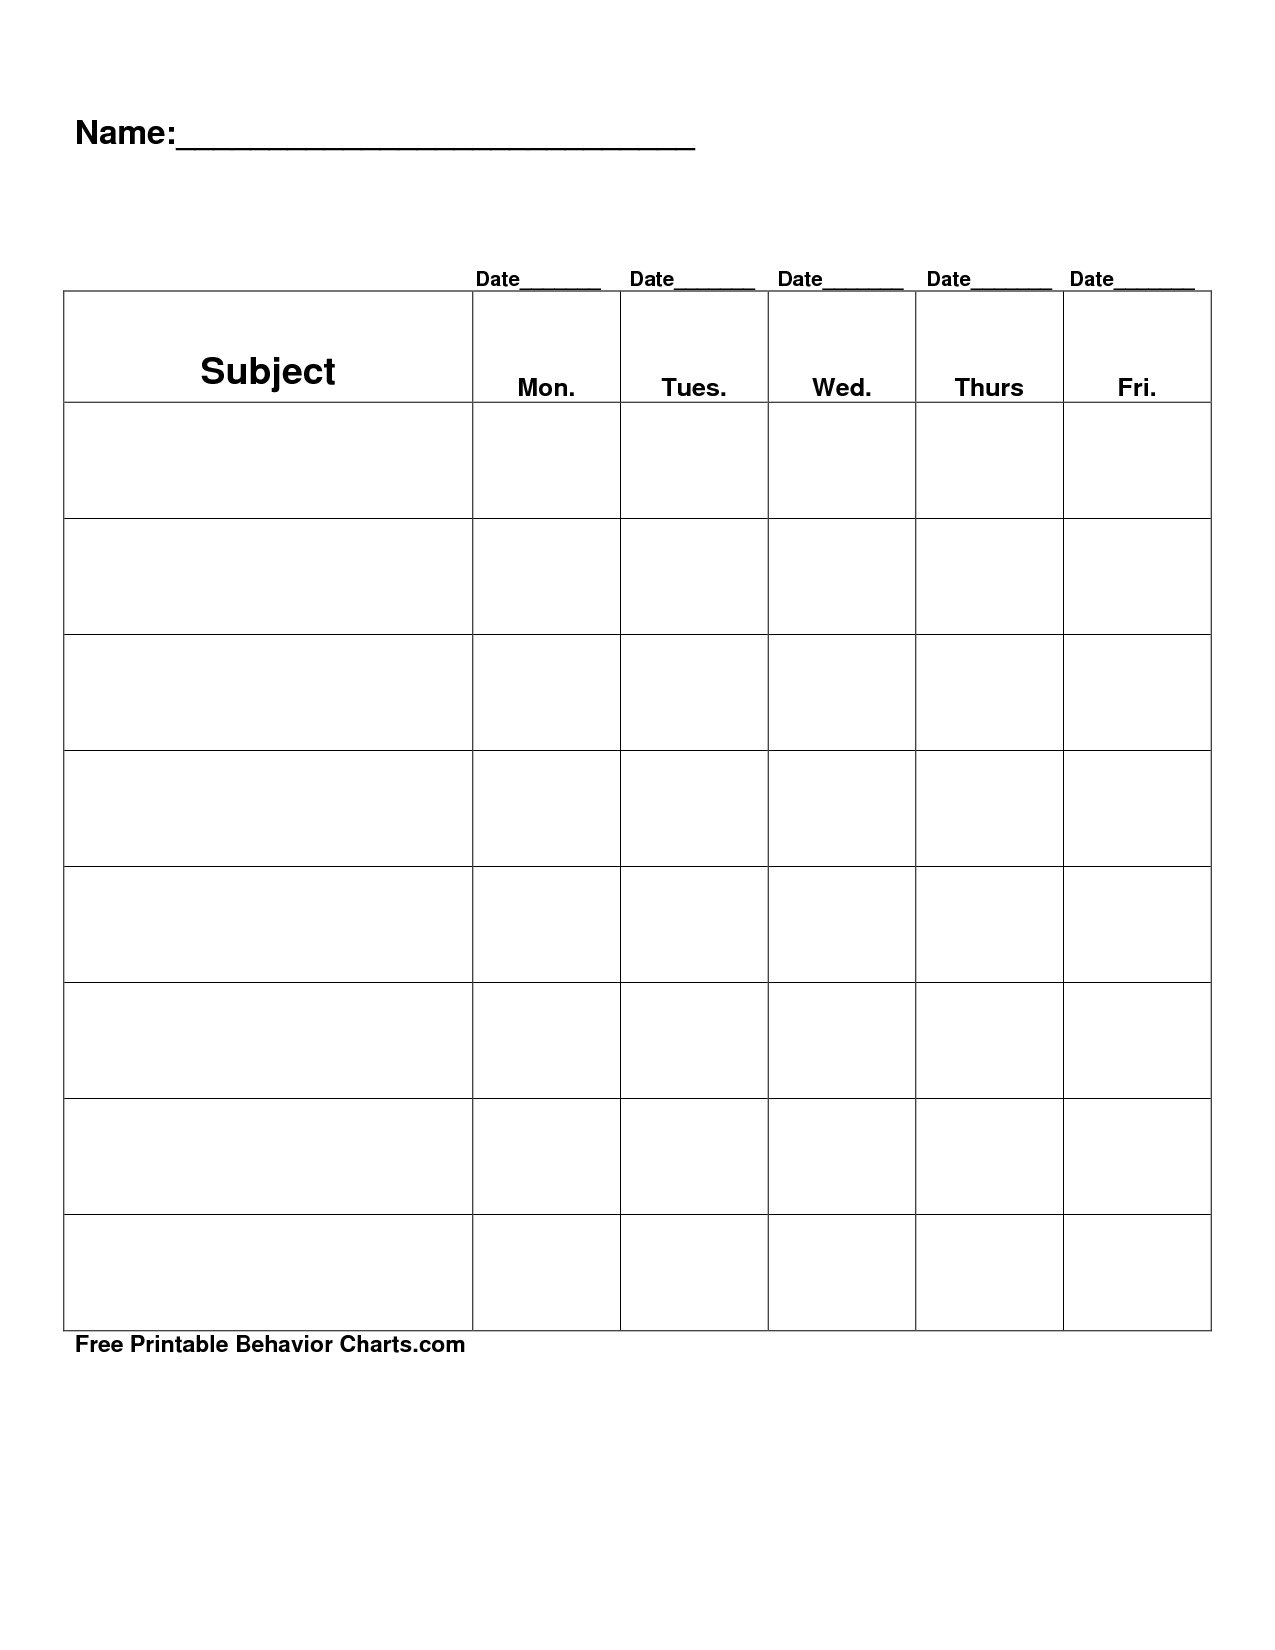 Free Printable Blank Charts | Free Printable Behavior Charts Com - Free Printable Charts For Teachers